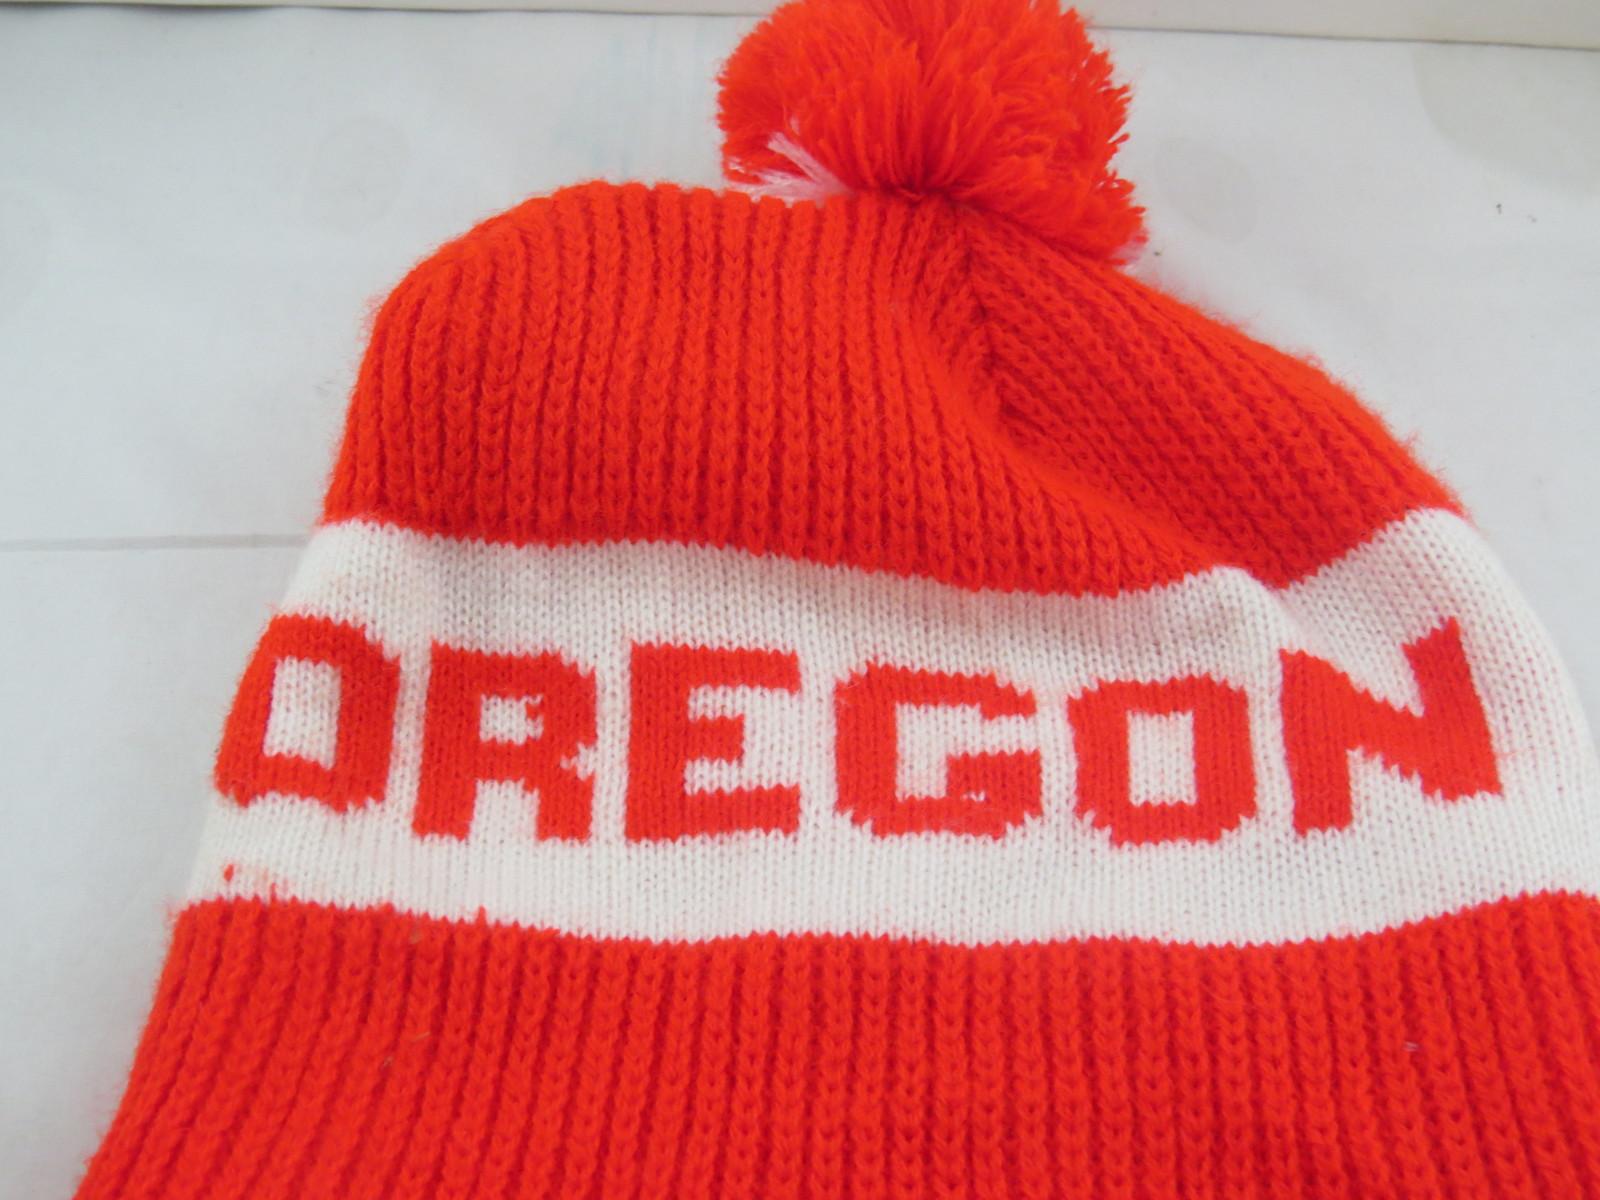 Vintage Oregon State Beavers Toque/Beanie - Block Letter Wrap Script - Adult Hat